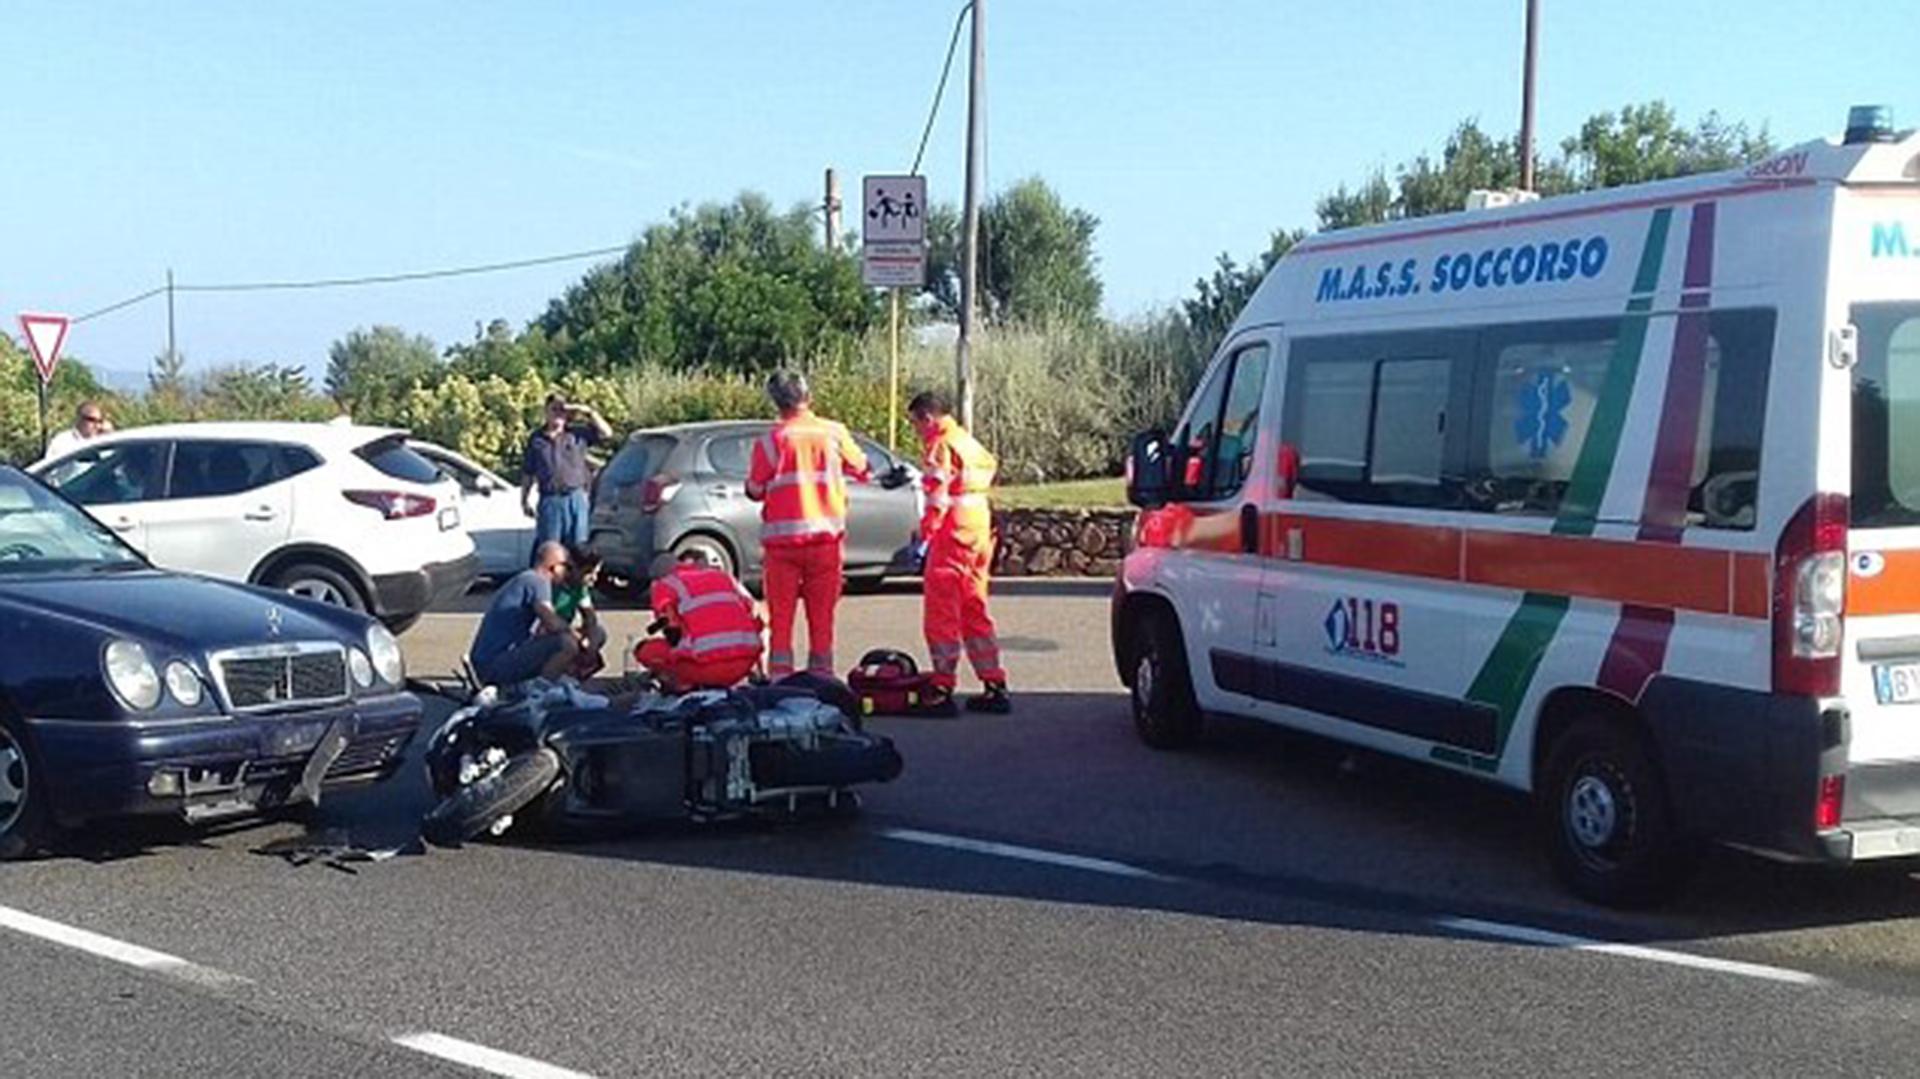 Una unidad de emergencias aguarda para trasladarlo al hospital Juan Pablo II de Cerdeña